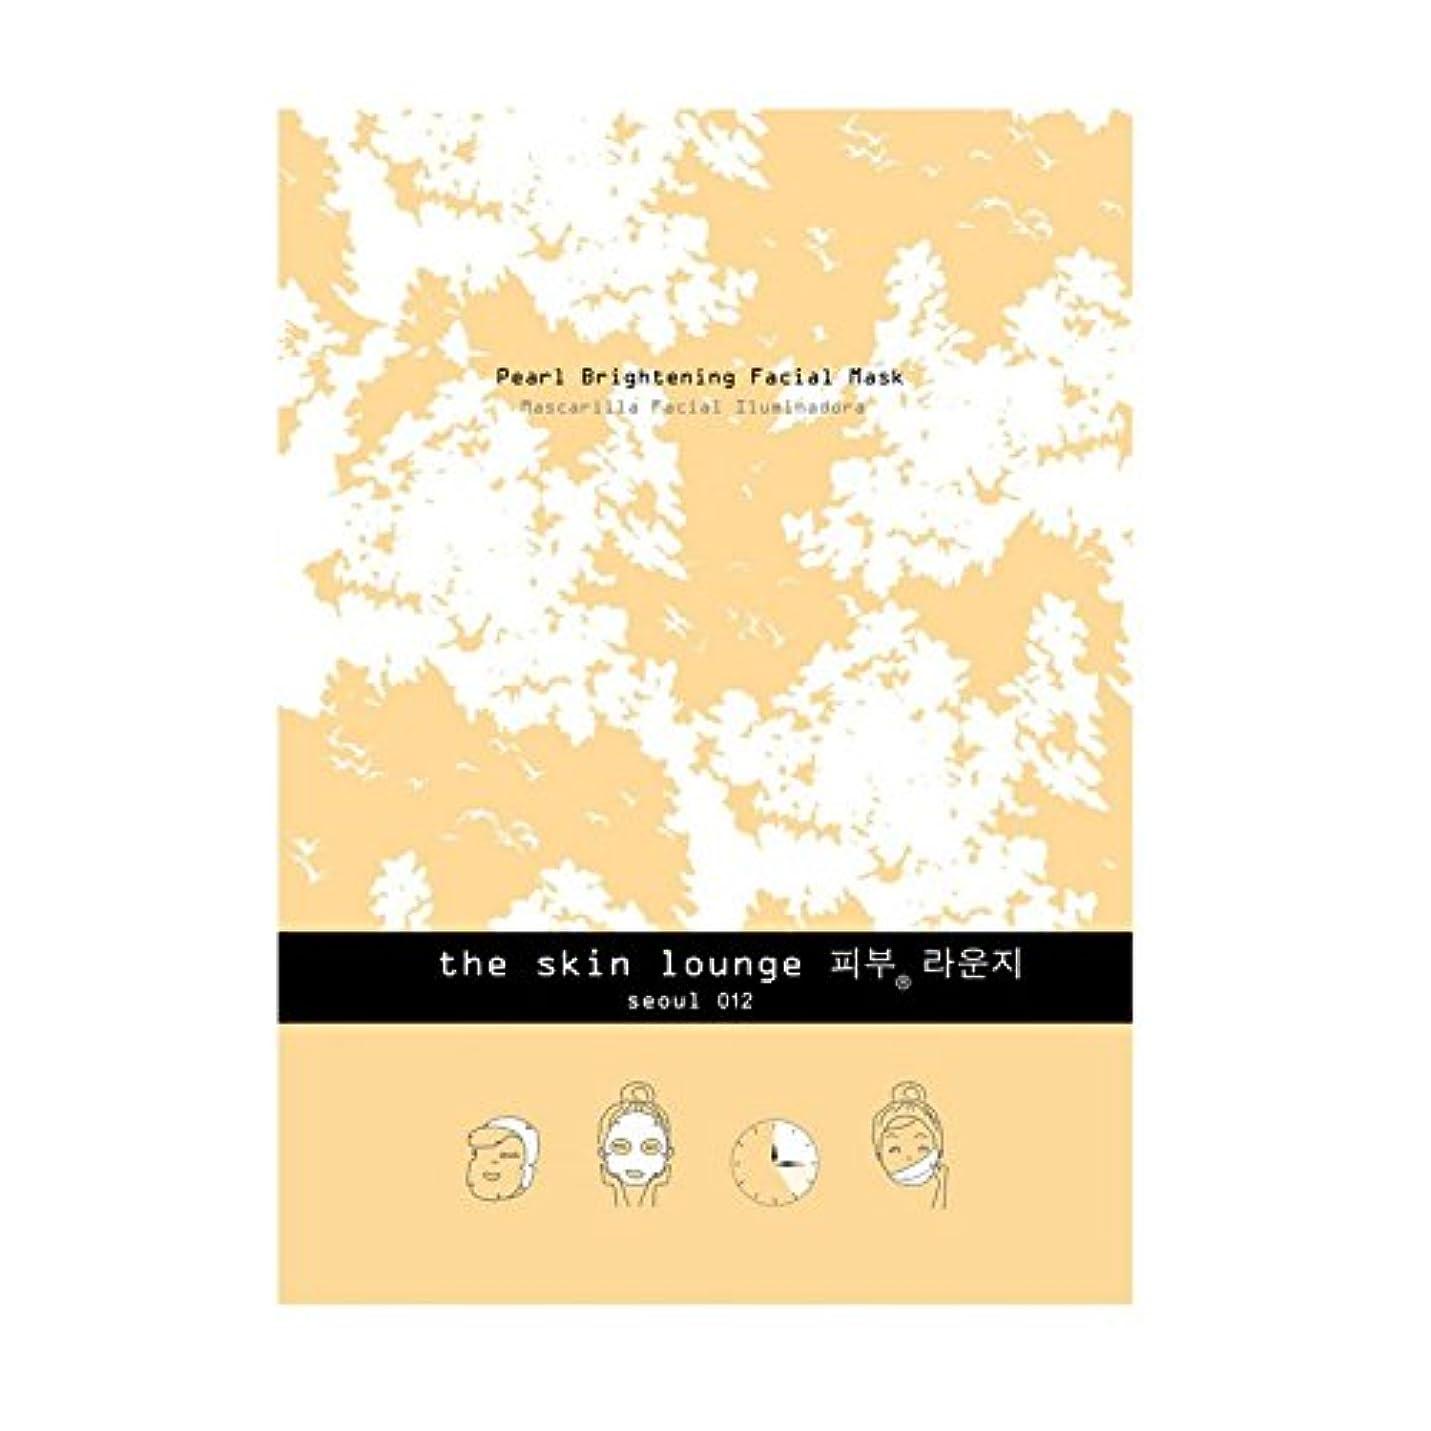 スキャンダルイディオム改革The Skin Lounge Pearl Brightening Single Cellulose Mask (Pack of 6) - 単一セルロースマスクを明るく皮膚ラウンジ真珠 x6 [並行輸入品]